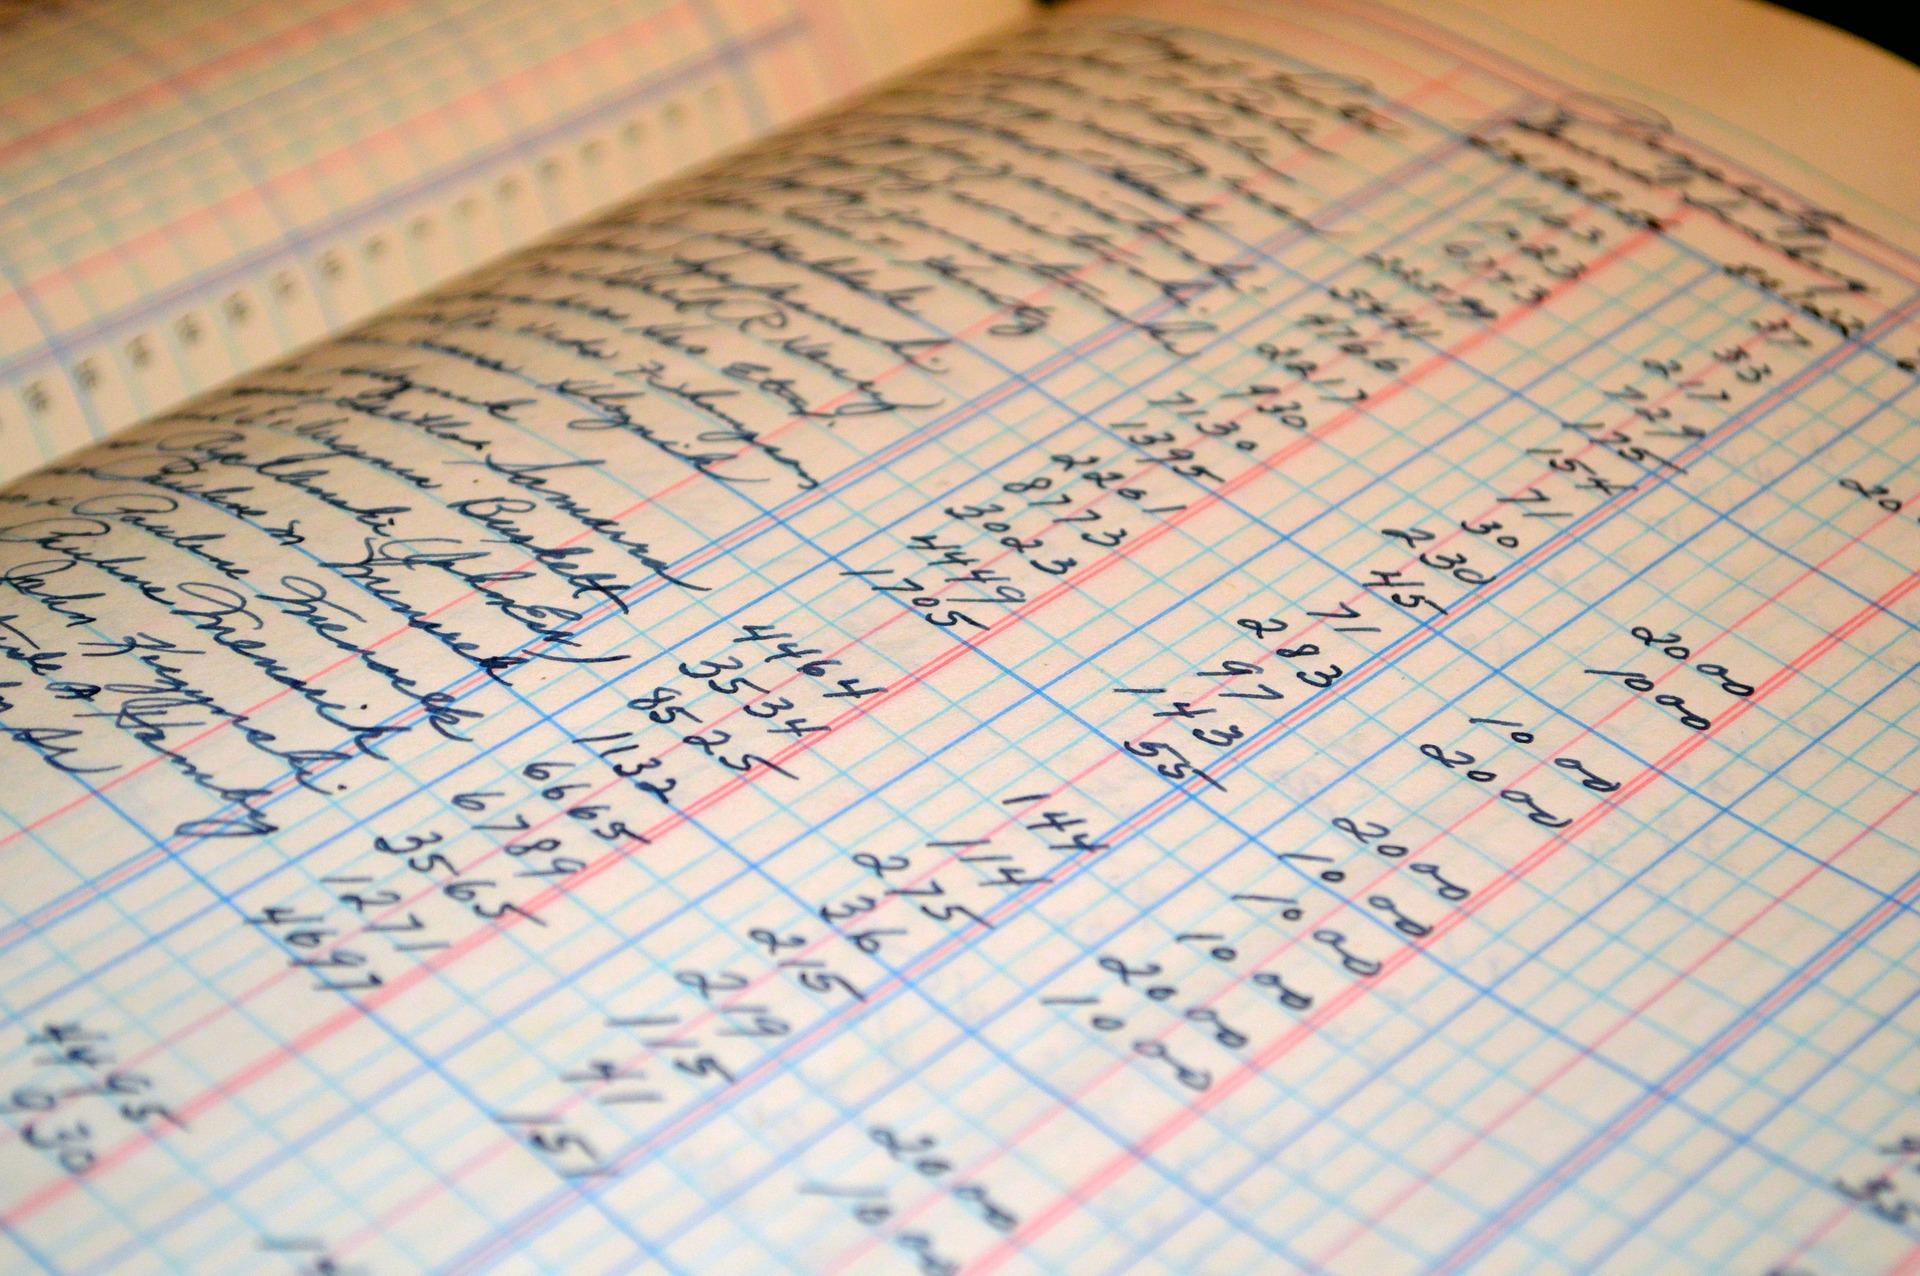 投資初心者向けの記事まとめ。投資を始める前に知っておきたい知識・ノウハウについて解説